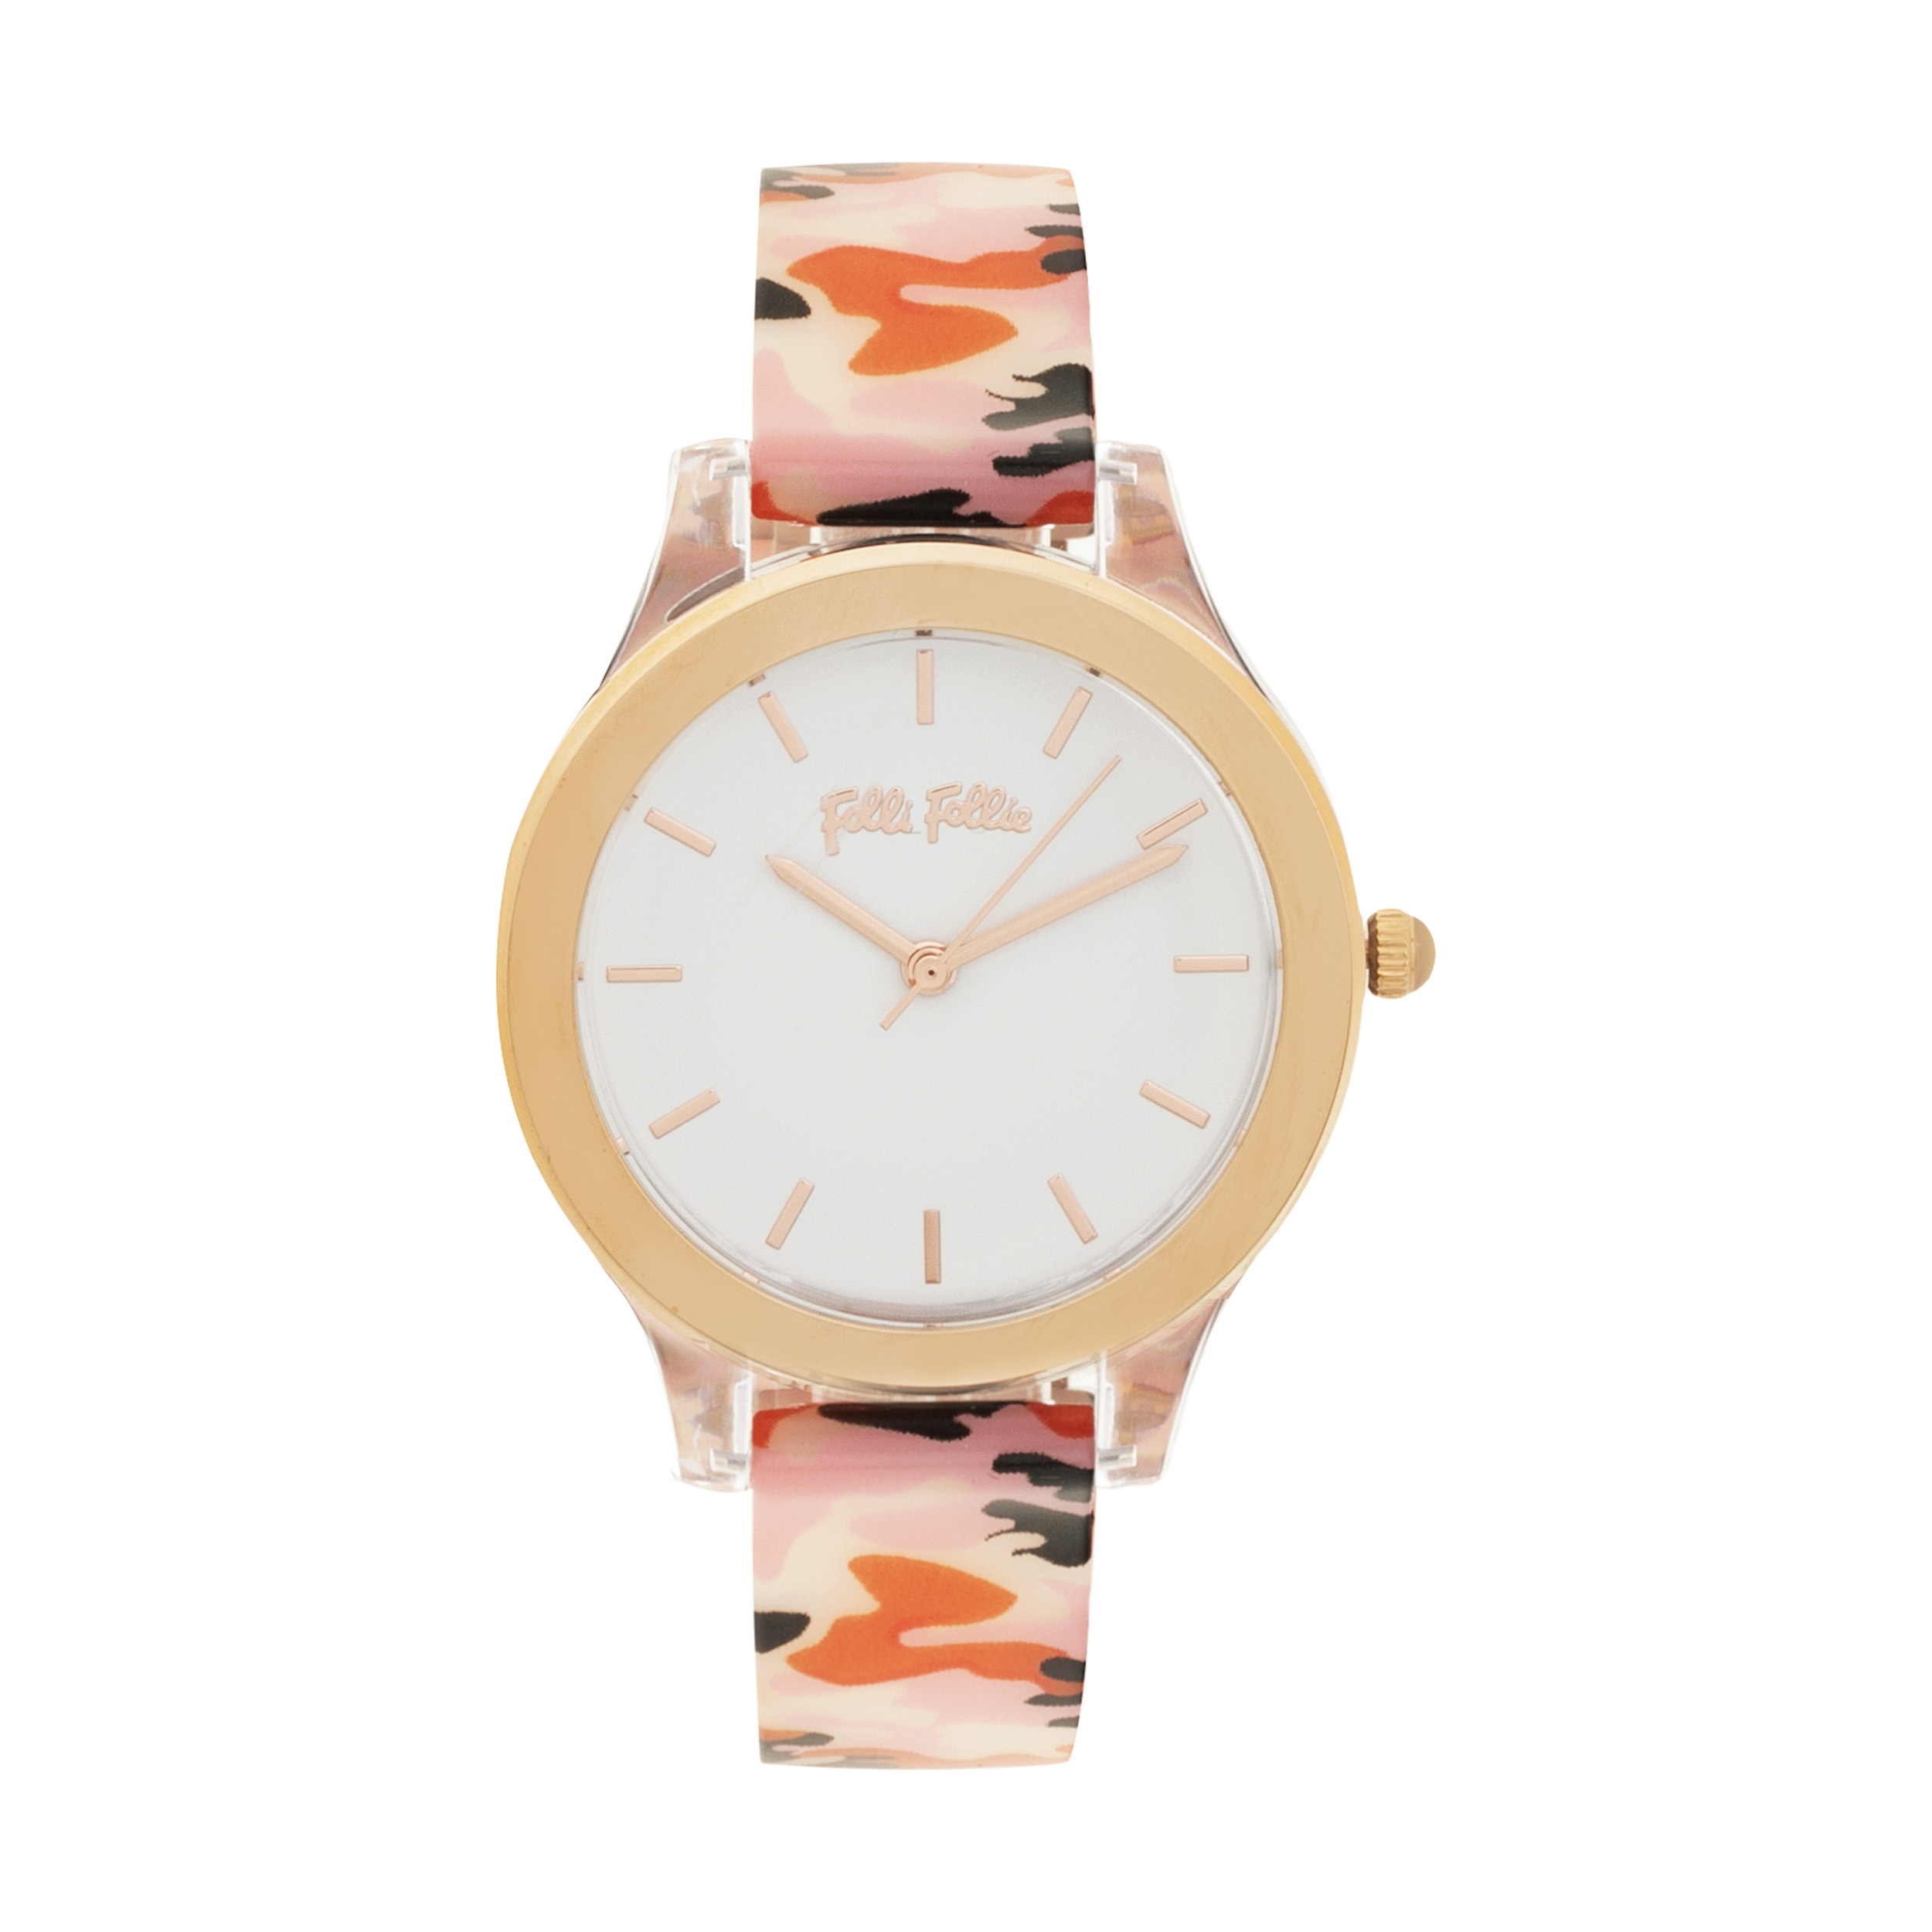 ساعت مچی عقربه ای زنانه فولی فولیه مدل WF18P010ZPZ-PI (بدون جعبه اورجینال)              خرید (⭐️⭐️⭐️)